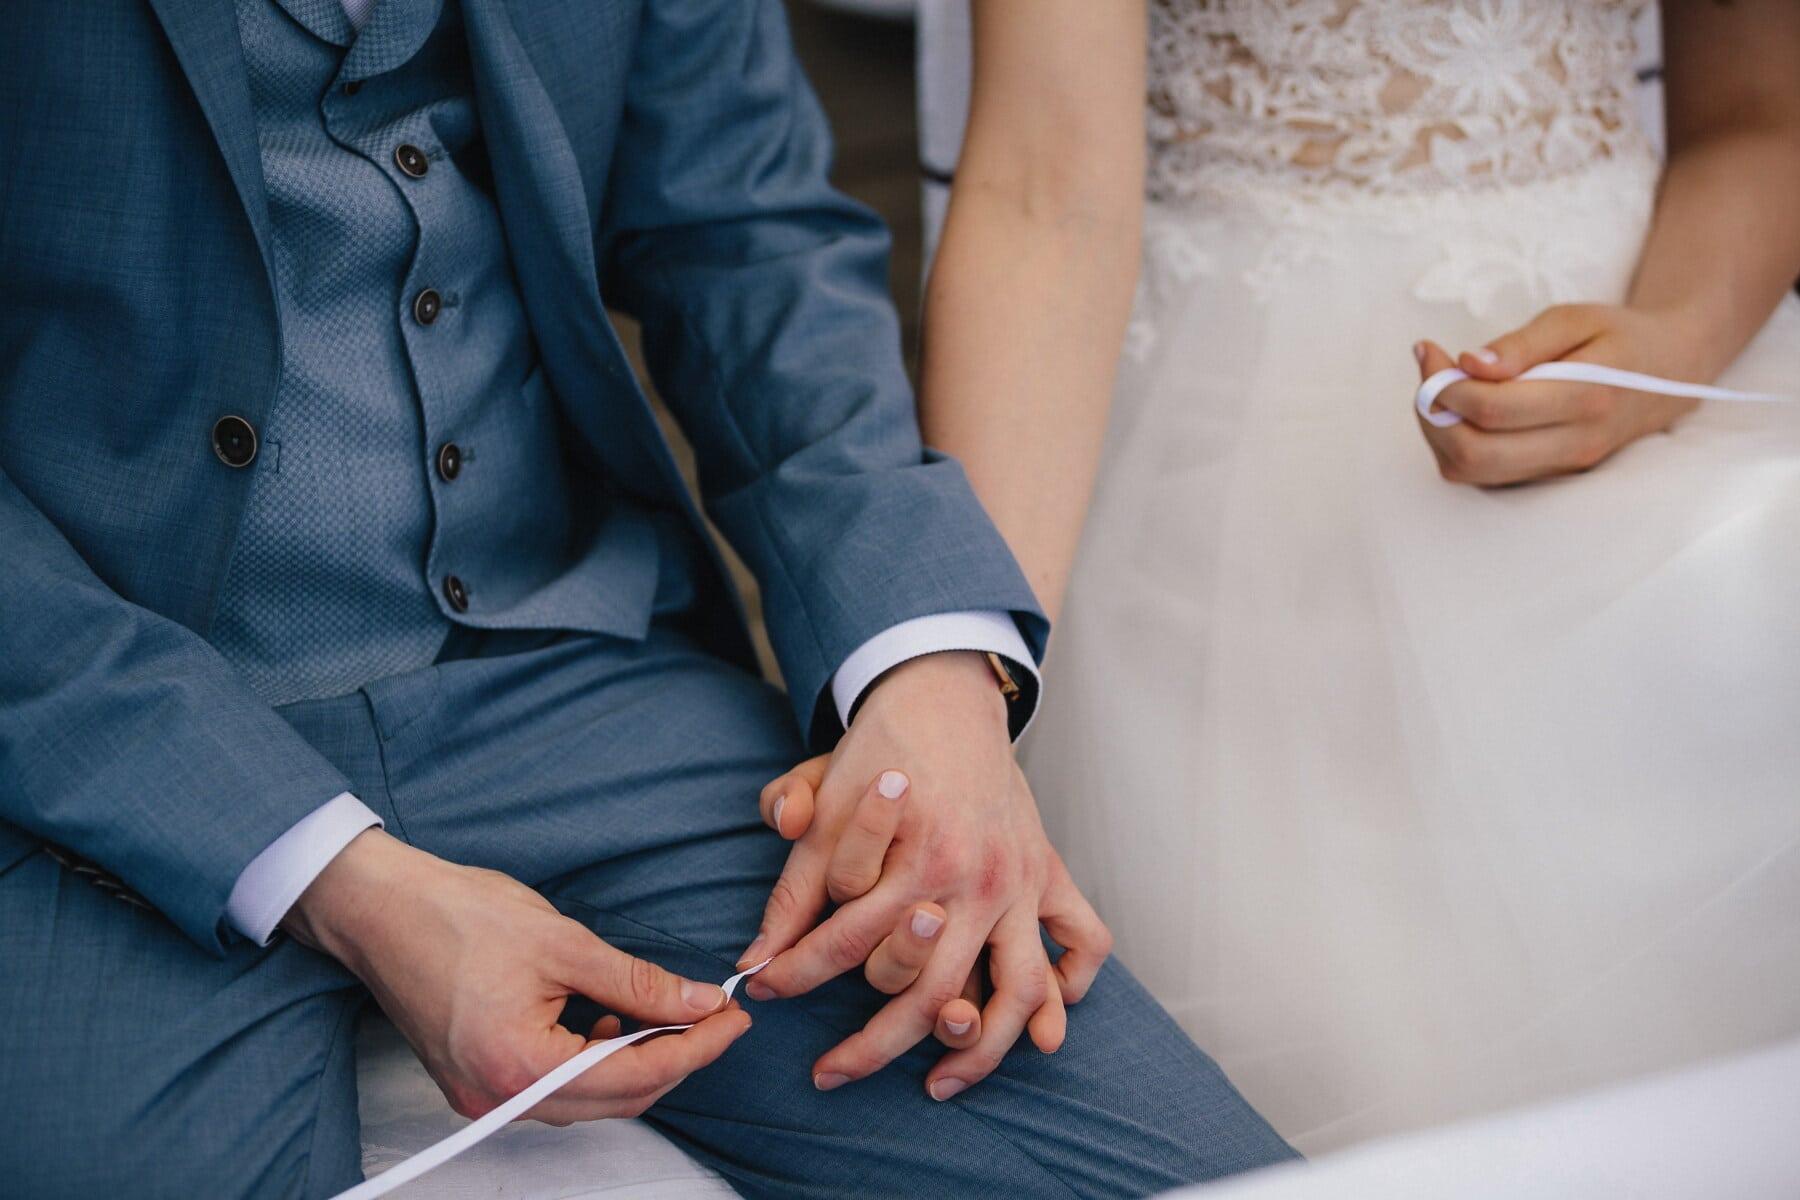 Händchen halten, Braut, Bräutigam, Hochzeitskleid, Smokinganzug, Frau, Hochzeit, Liebe, drinnen, Engagement